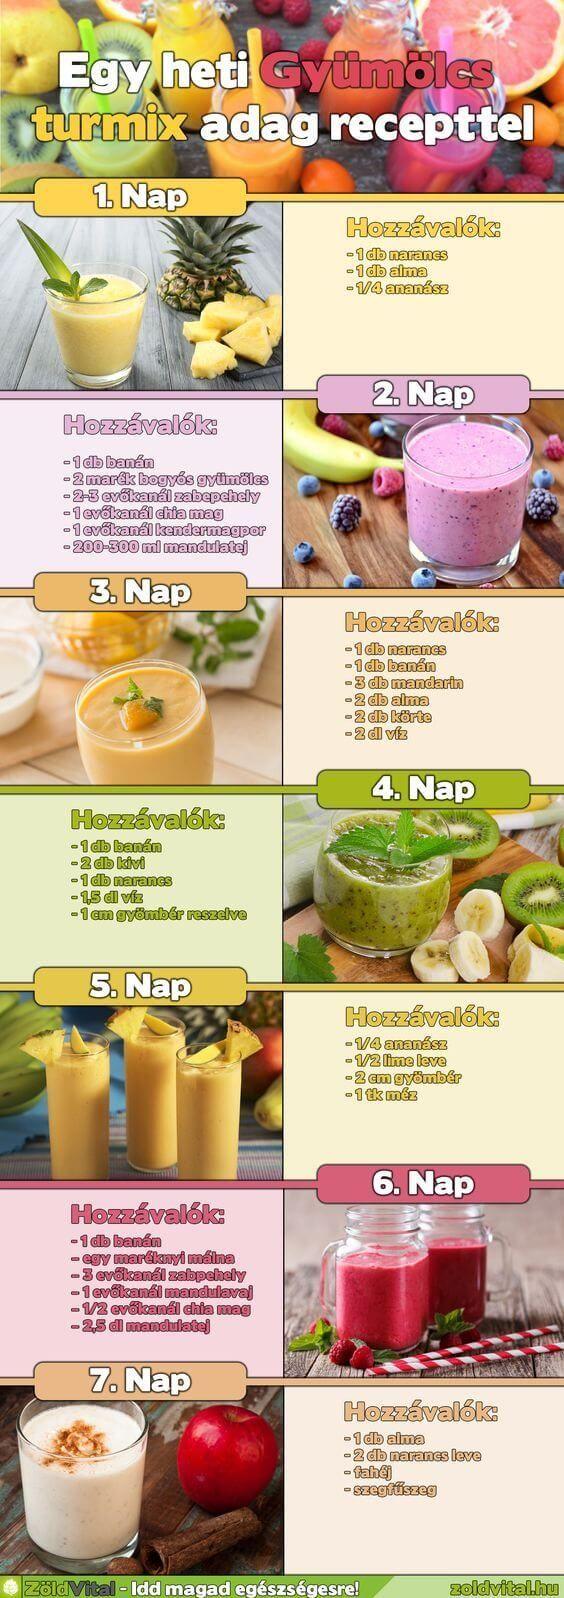 dietas recept